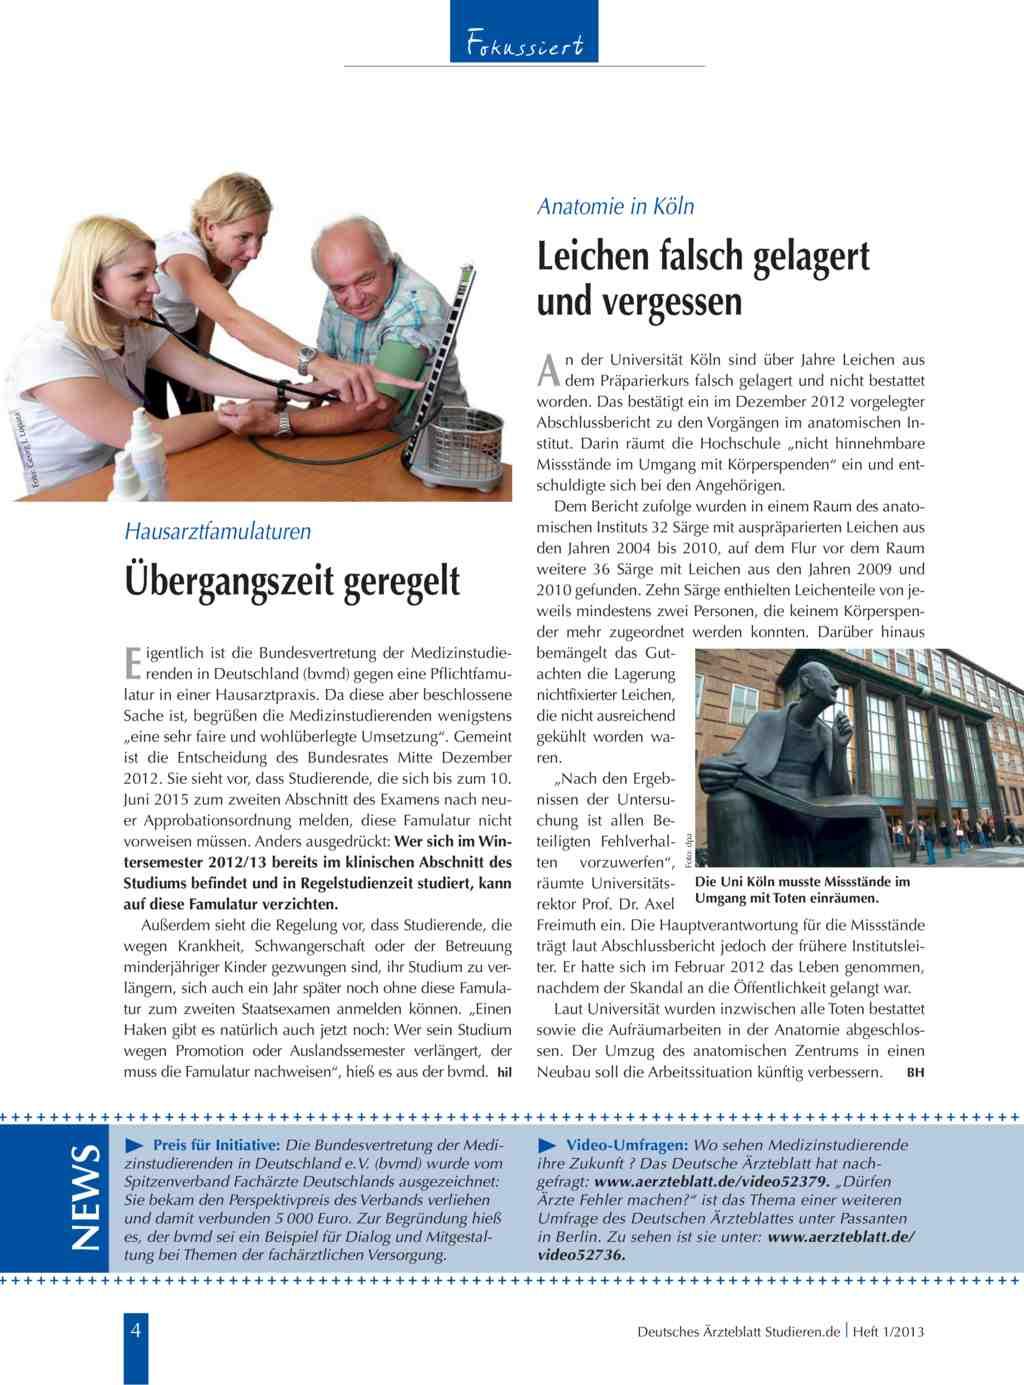 Anatomie in Köln: Leichen falsch gelagert und vergessen